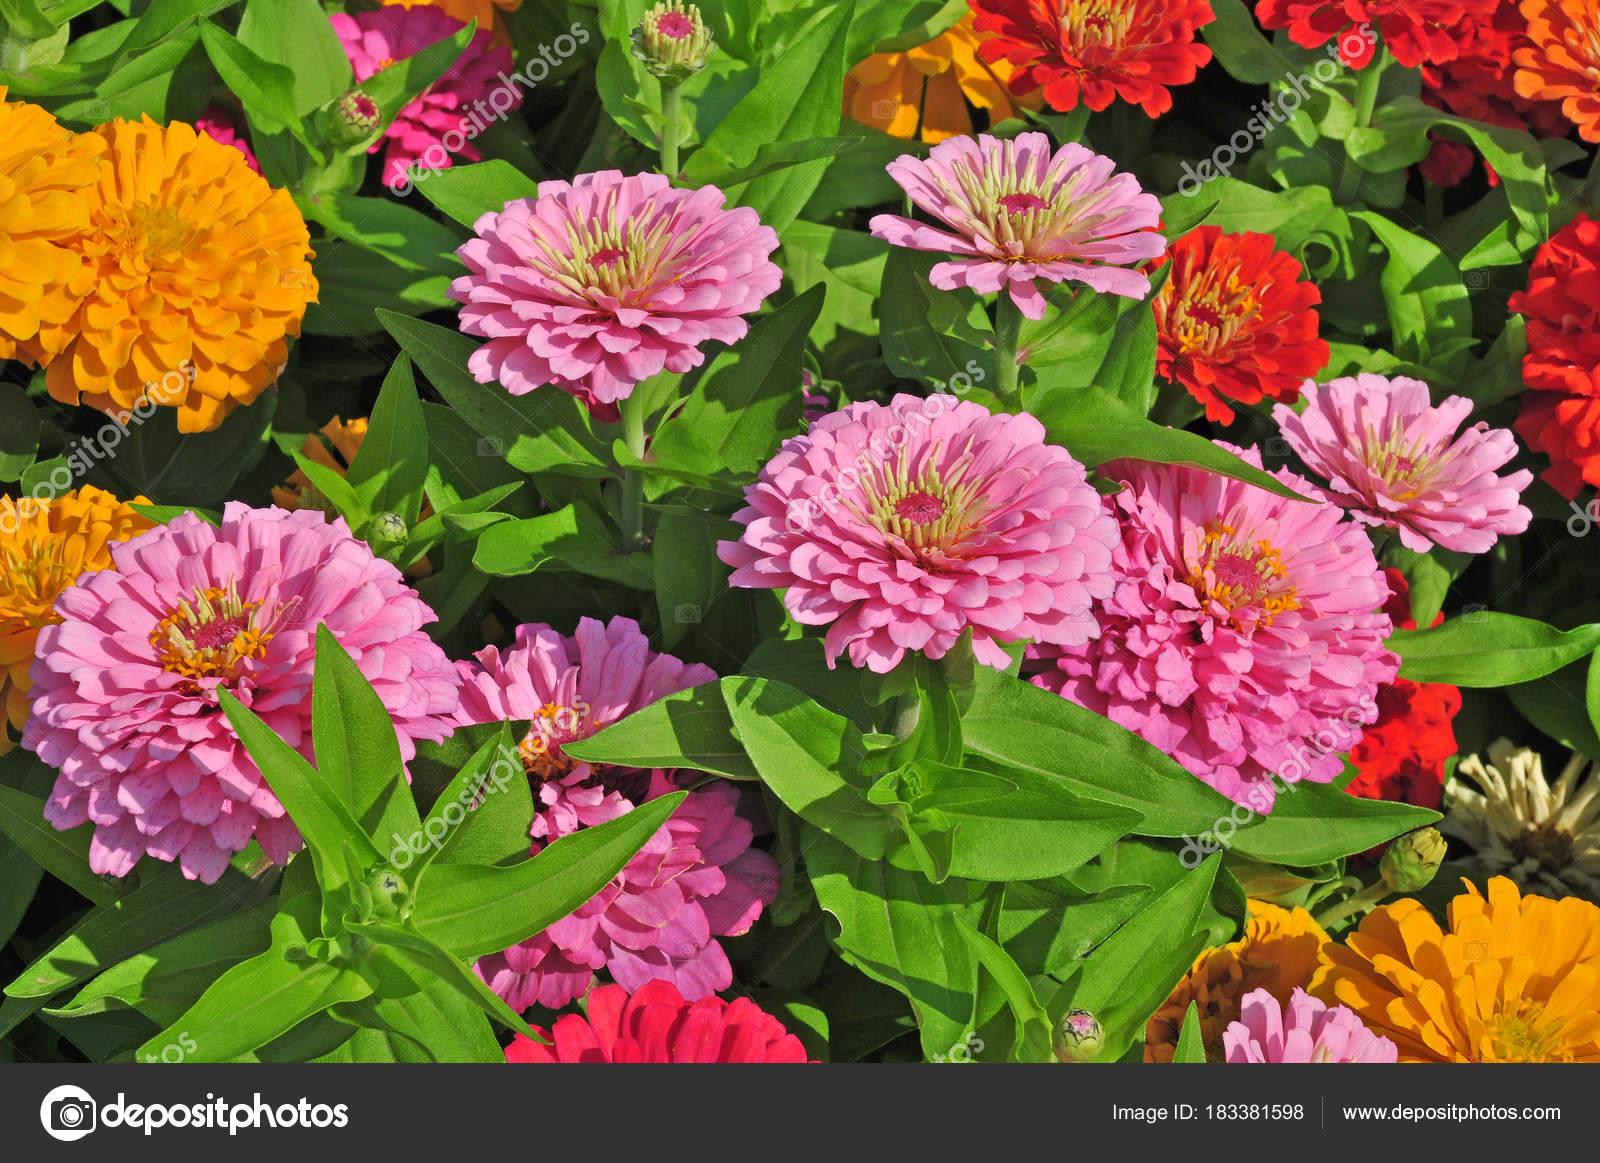 Jardin avec des fleurs magnifiques multicolores\u2013 images de stock libres de  droits